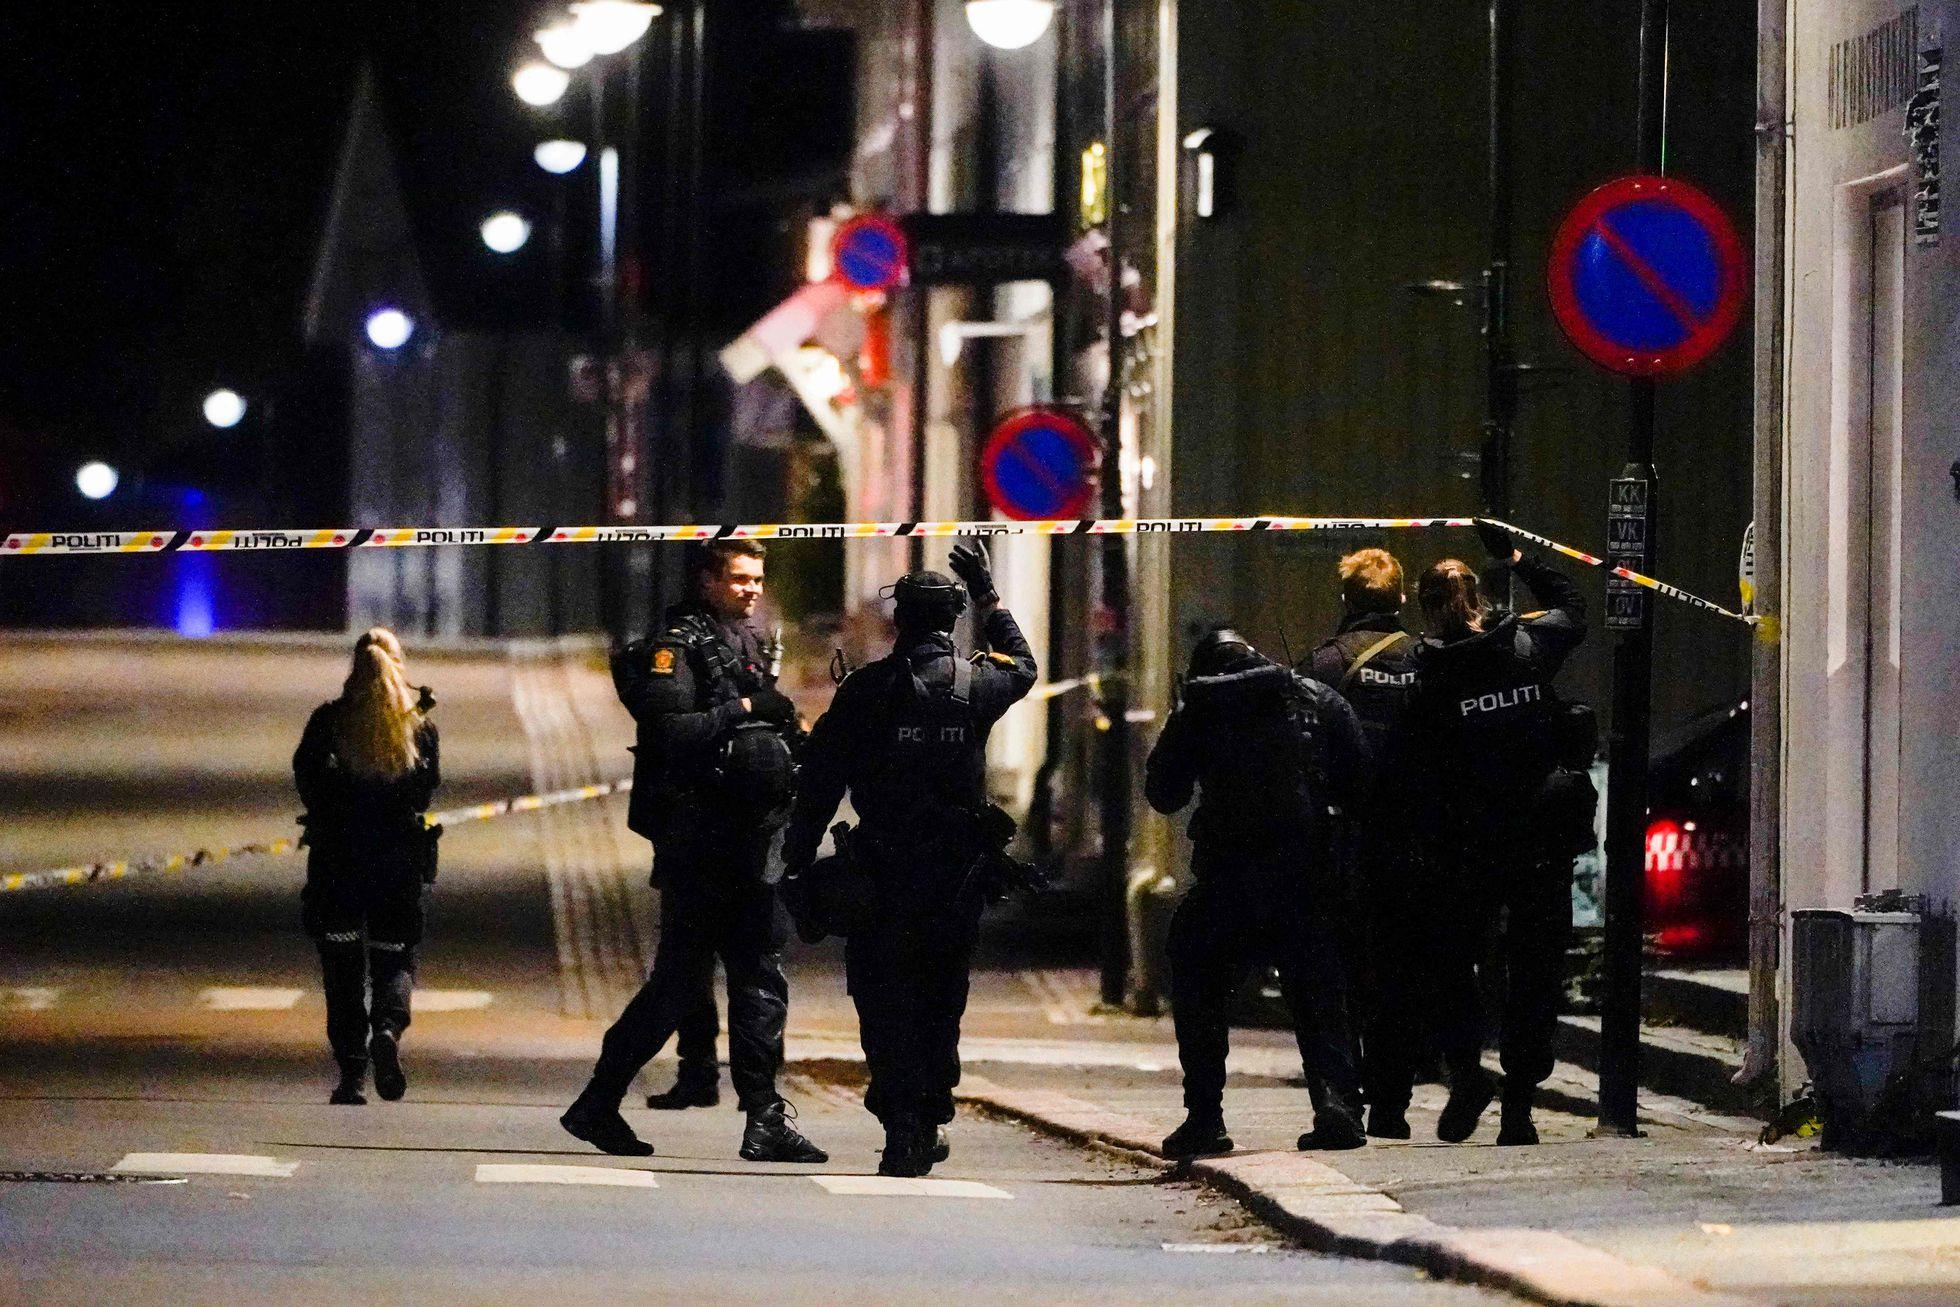 Varios policías cruzan la zona acordonada para la investigación del ataque, este miércoles en la ciudad noruega de Kongsberg. HAKON MOSVOLD LARSEN (AFP) AGENCIAS.